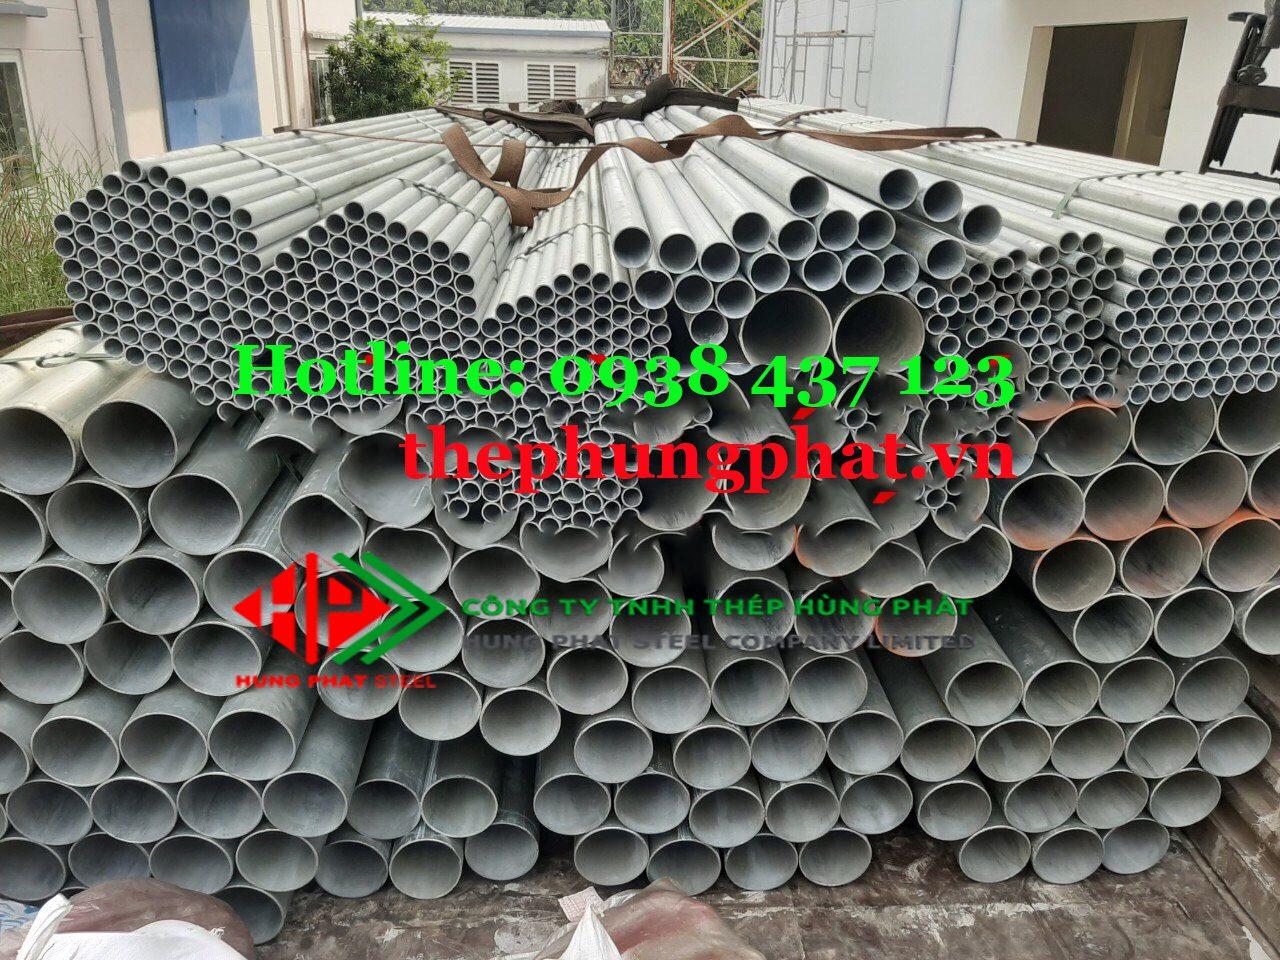 Báo giá thép ống mạ kẽm tại Thái Bình